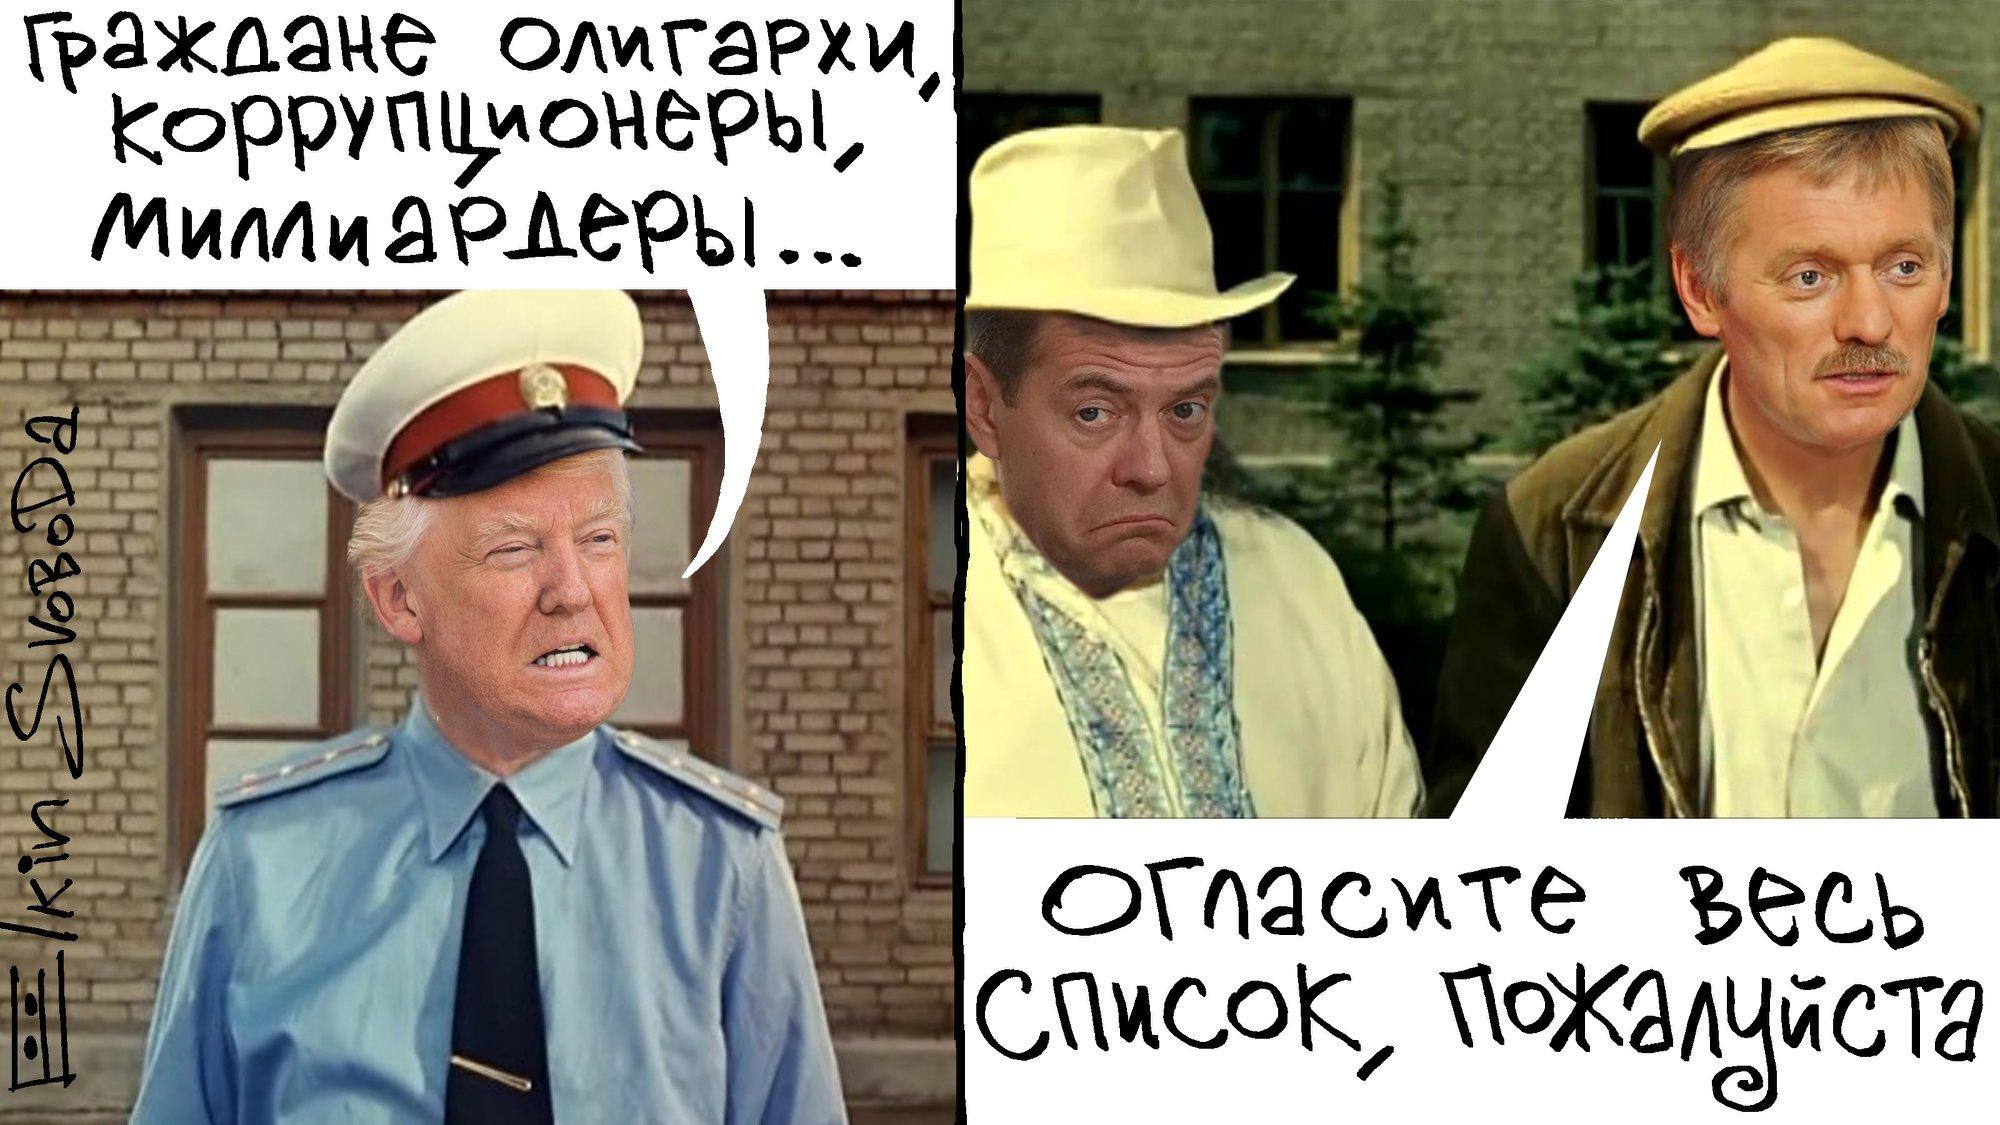 """Огласите весь список, пожалуйста: карикатуры на """"список Путина"""""""